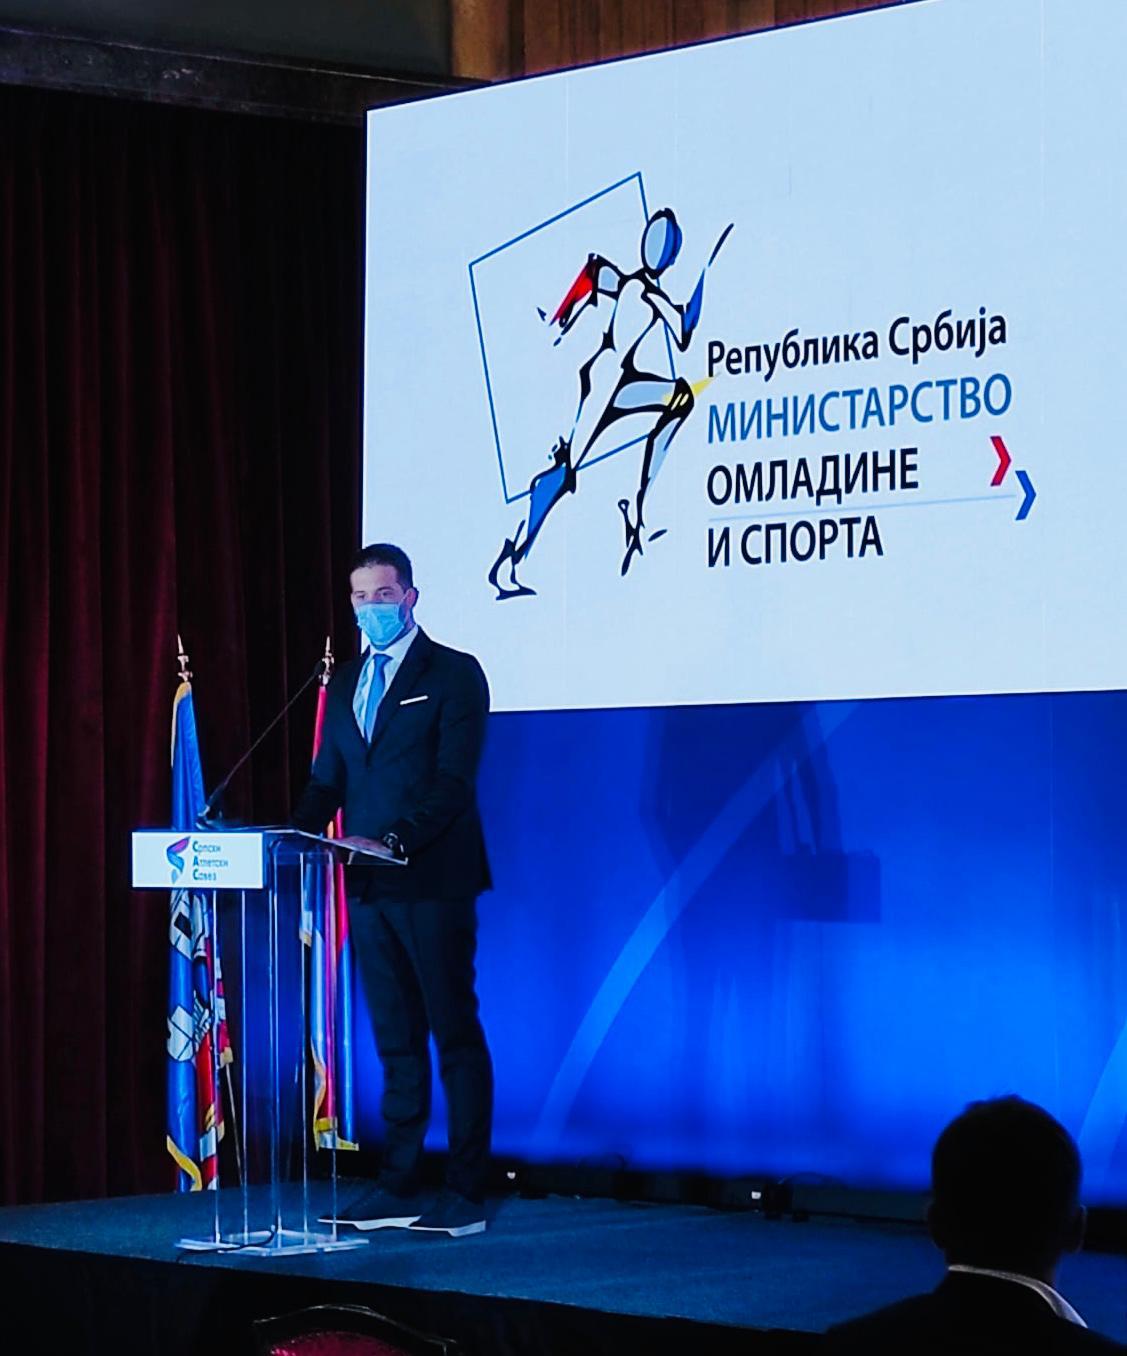 Министар омладине и спорта Вања Удовичић  на промоцији логоа Светског дворанског првенства у атлетици 2022. године